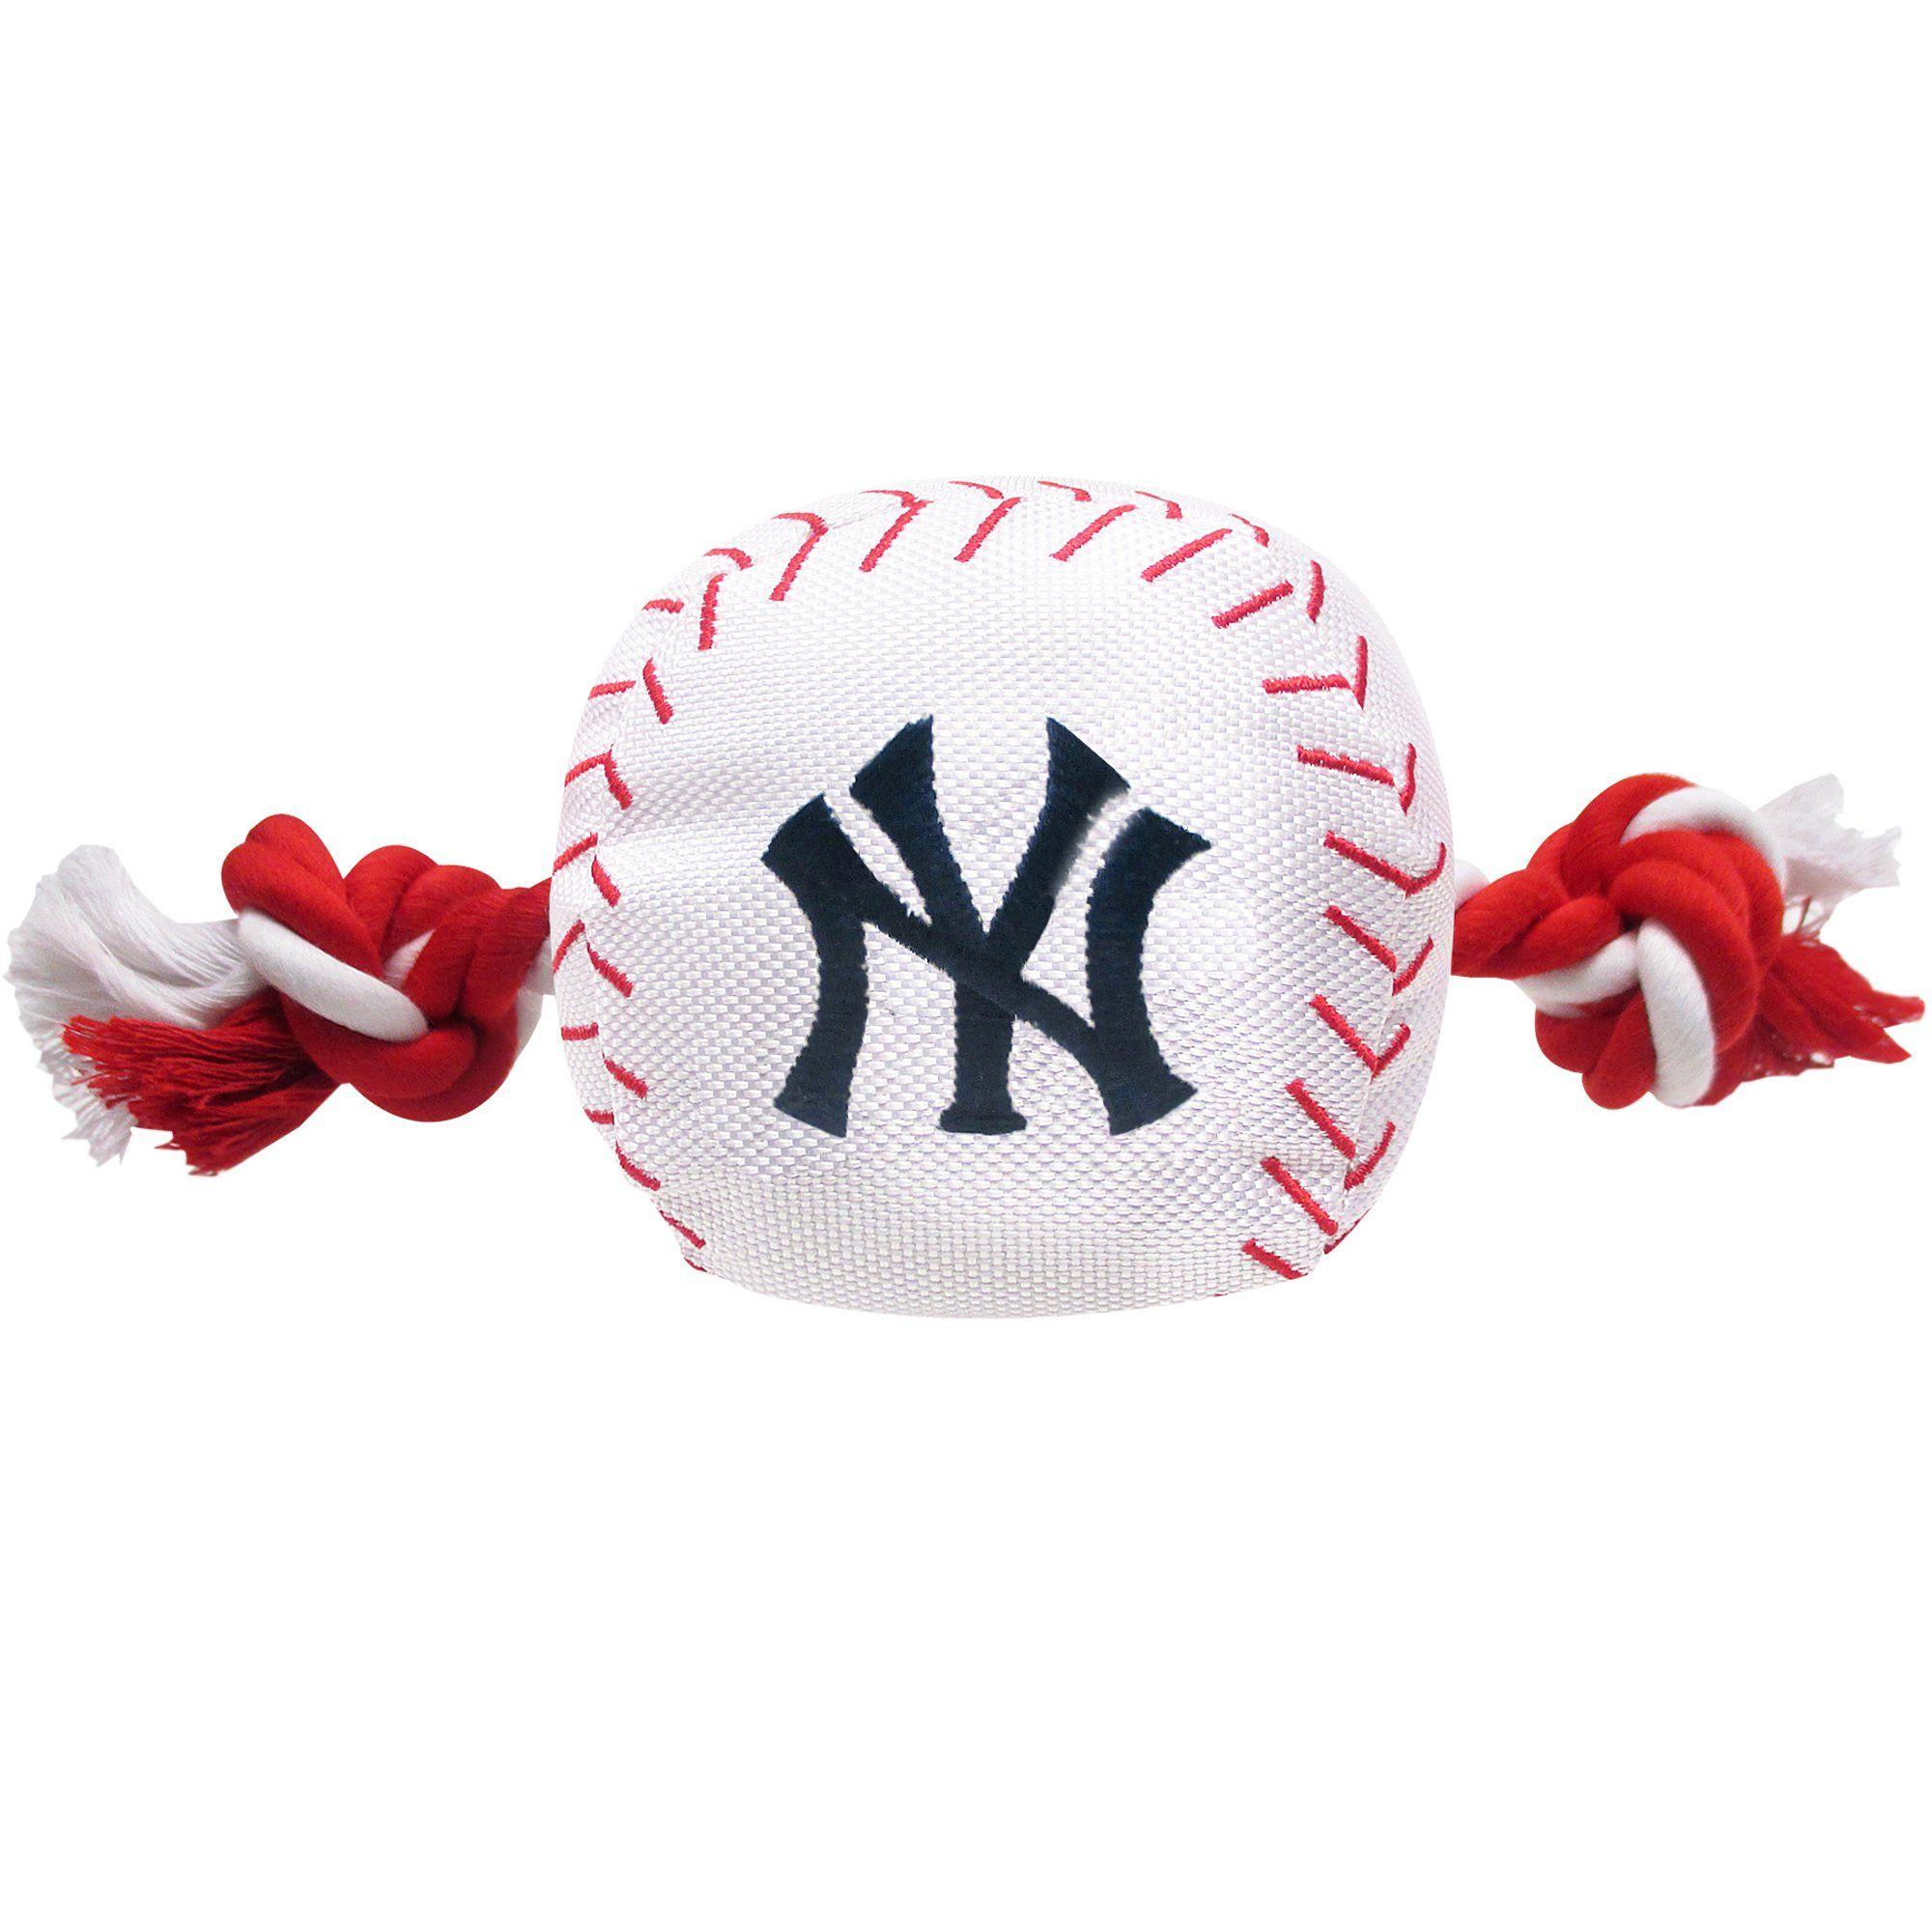 Pets First Mlb New York Yankees Baseball Toy Large Petco In 2020 Rope Dog Toys New York Yankees Baseball Rockies Baseball